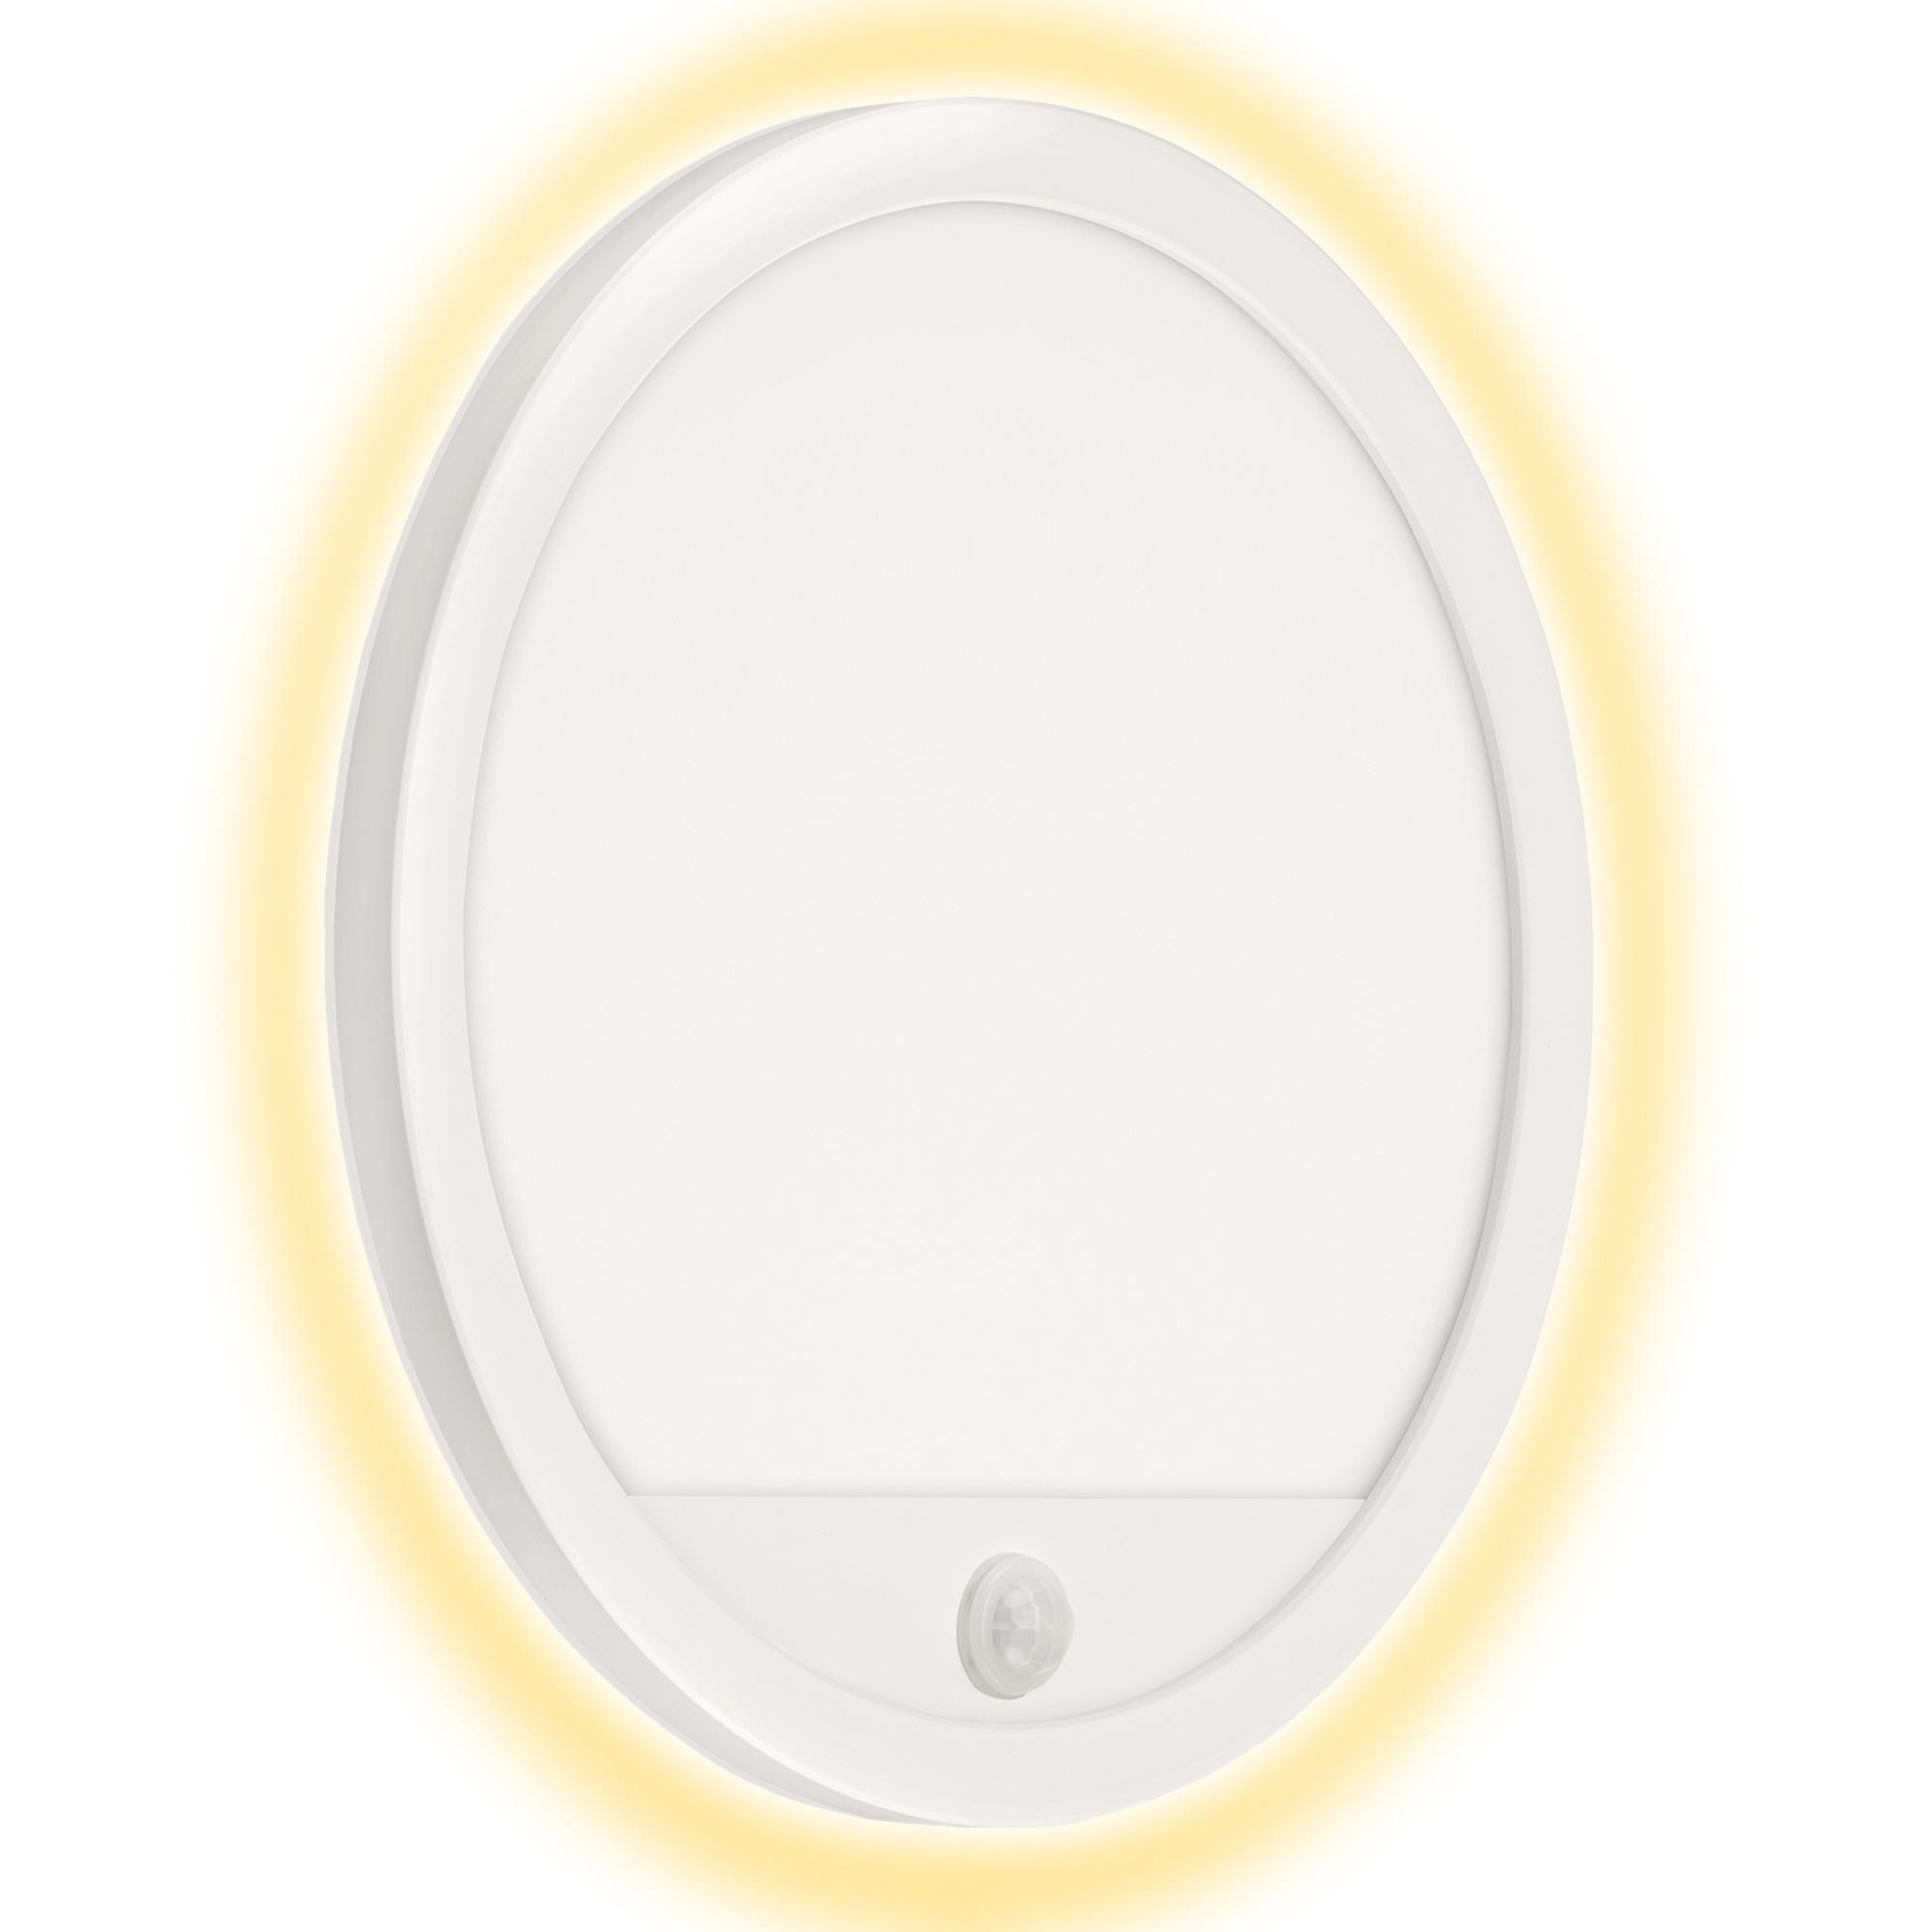 TELEFUNKEN LED Außenwandleuchte, Ø 28 cm, 15 W, Weiß